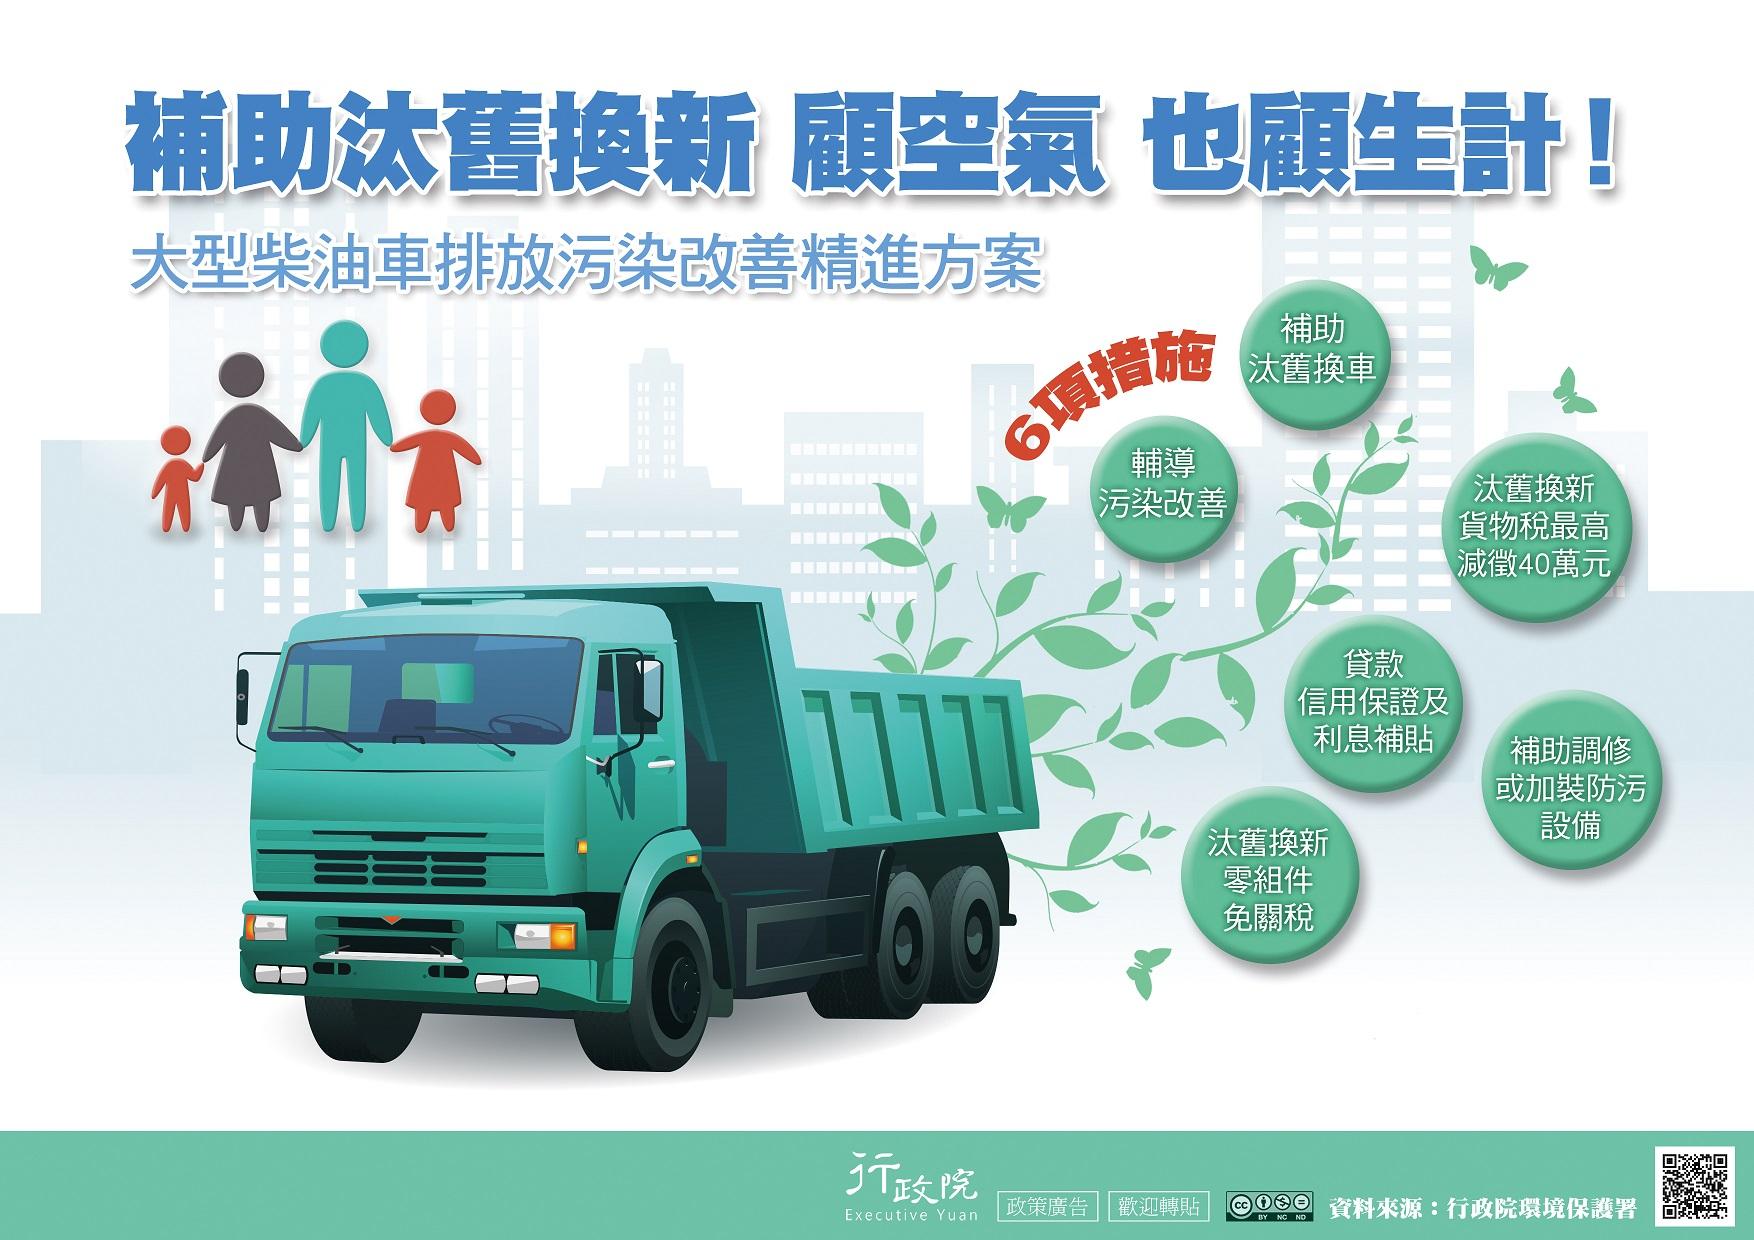 大型柴油車排放汙染改善精進方案.jpg